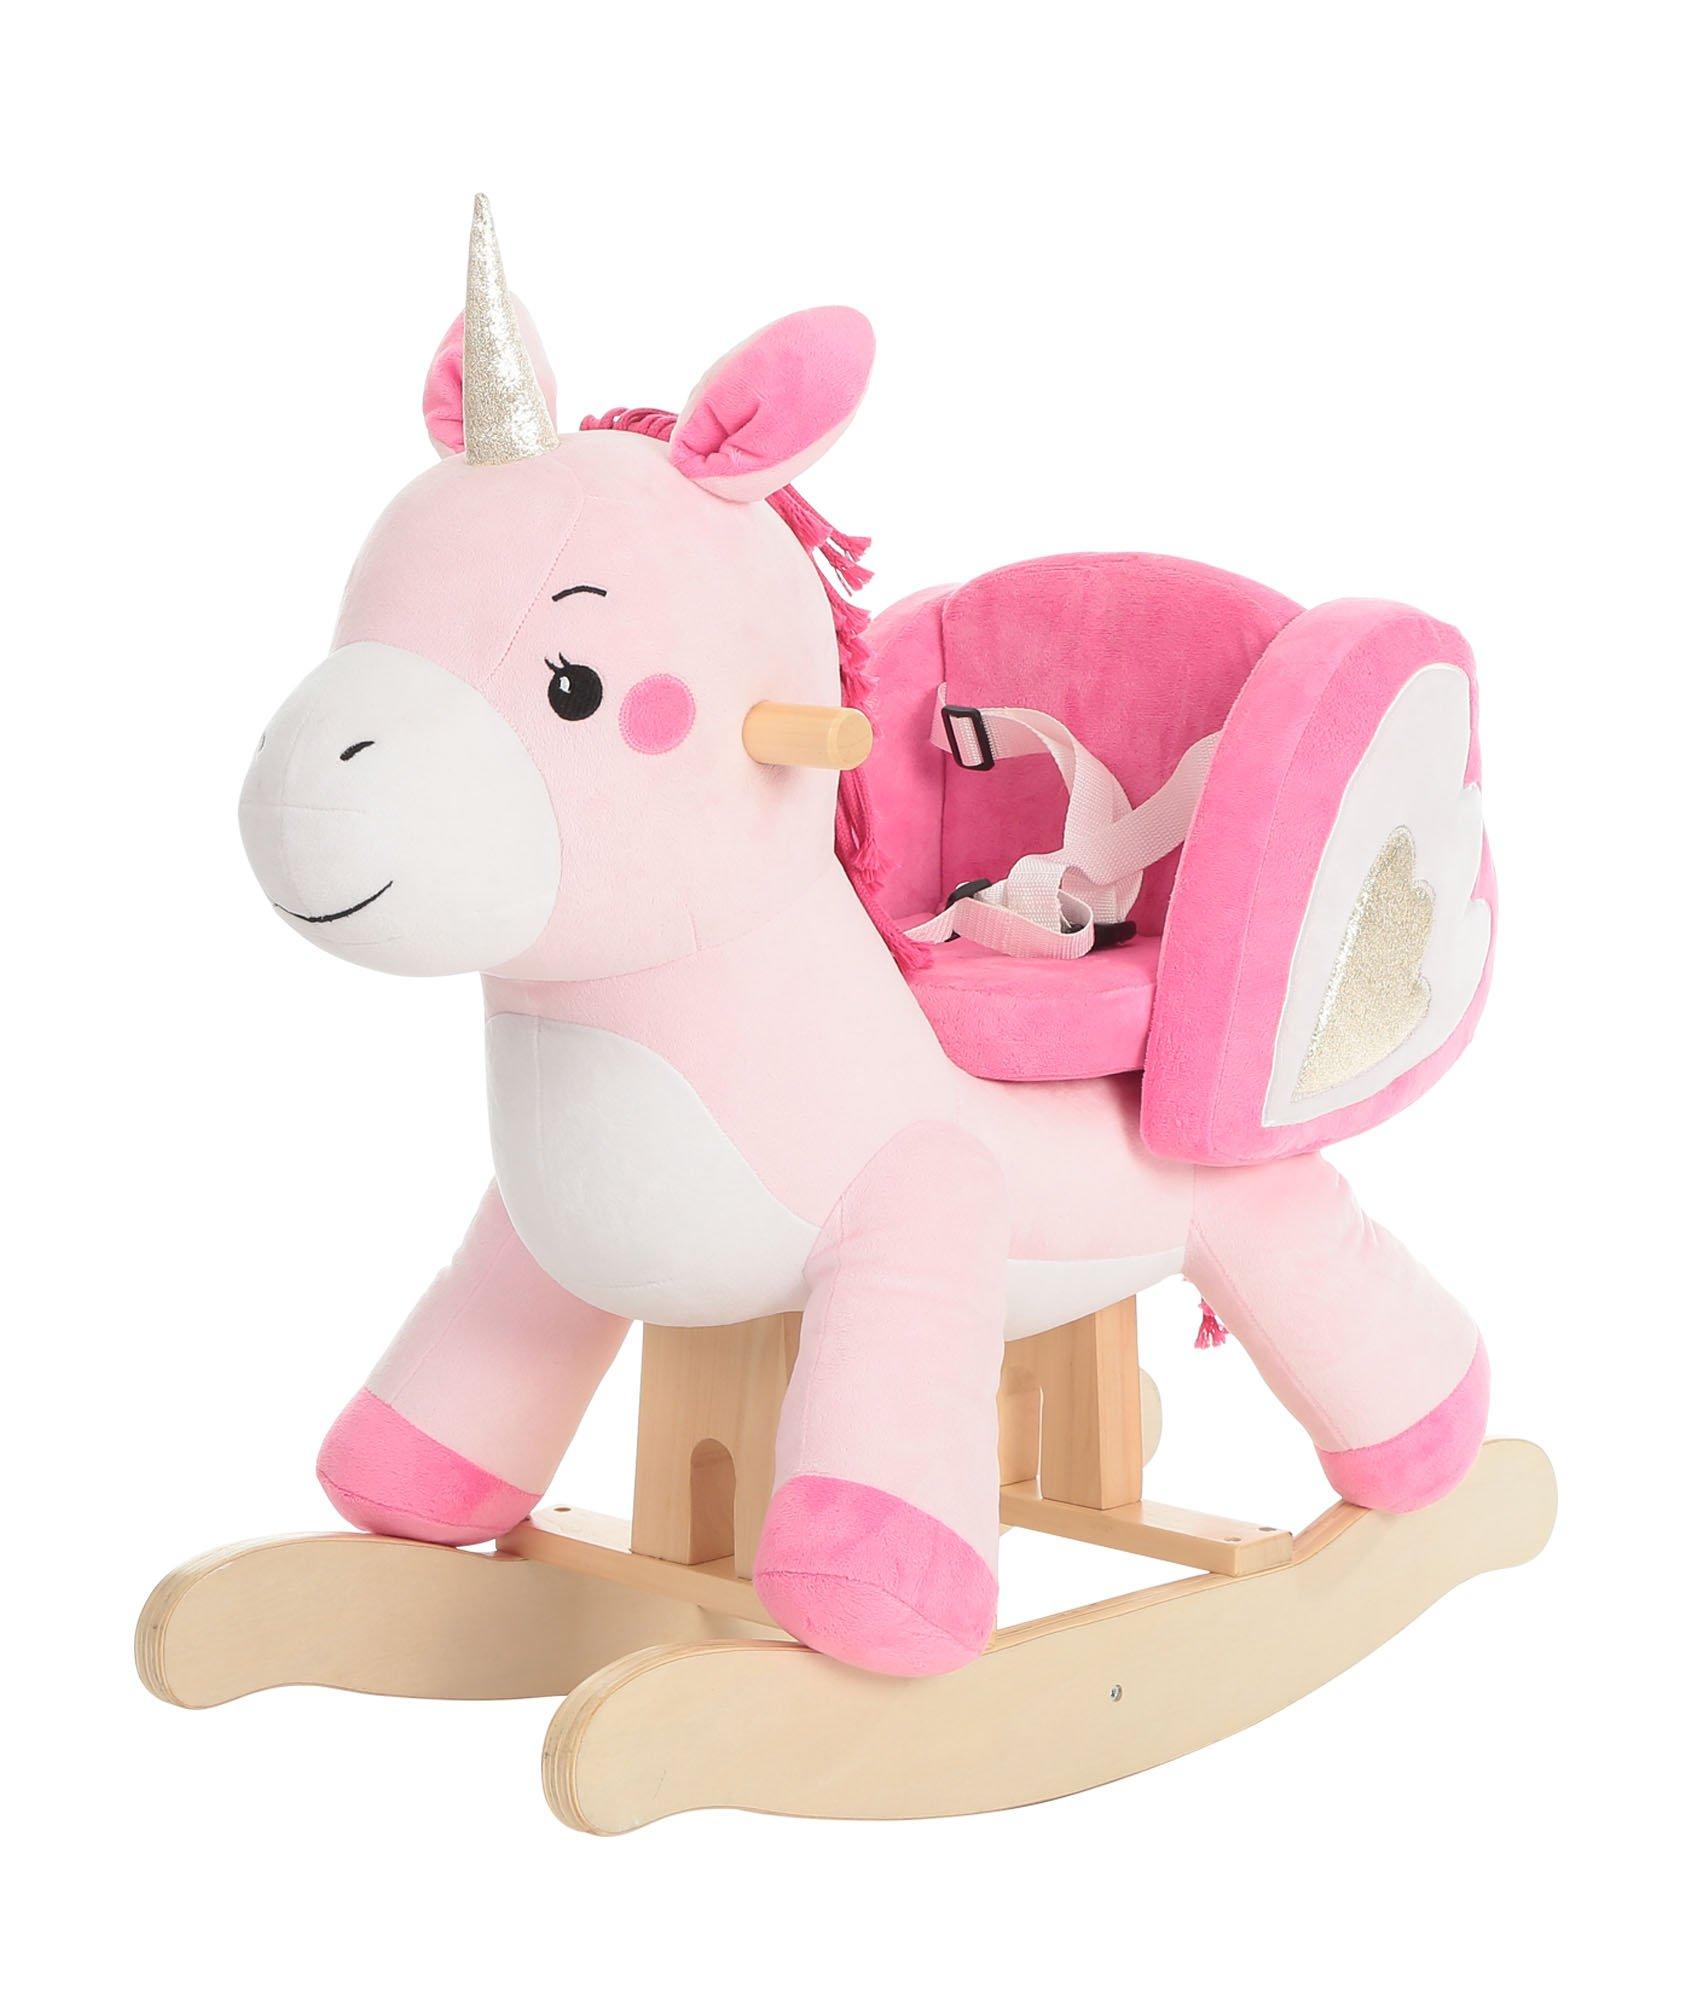 Labebe Child Rocking Horse Toy, Pink Rocking Horse Plush, Unicorn Rocker Toy for Kid 1-3 Years, Stuffed Animal Rocker Toy/Child Rocking Toy for Girl/Wooden Rocking Horse Pink/Rocker/Animal Ride on by labebe